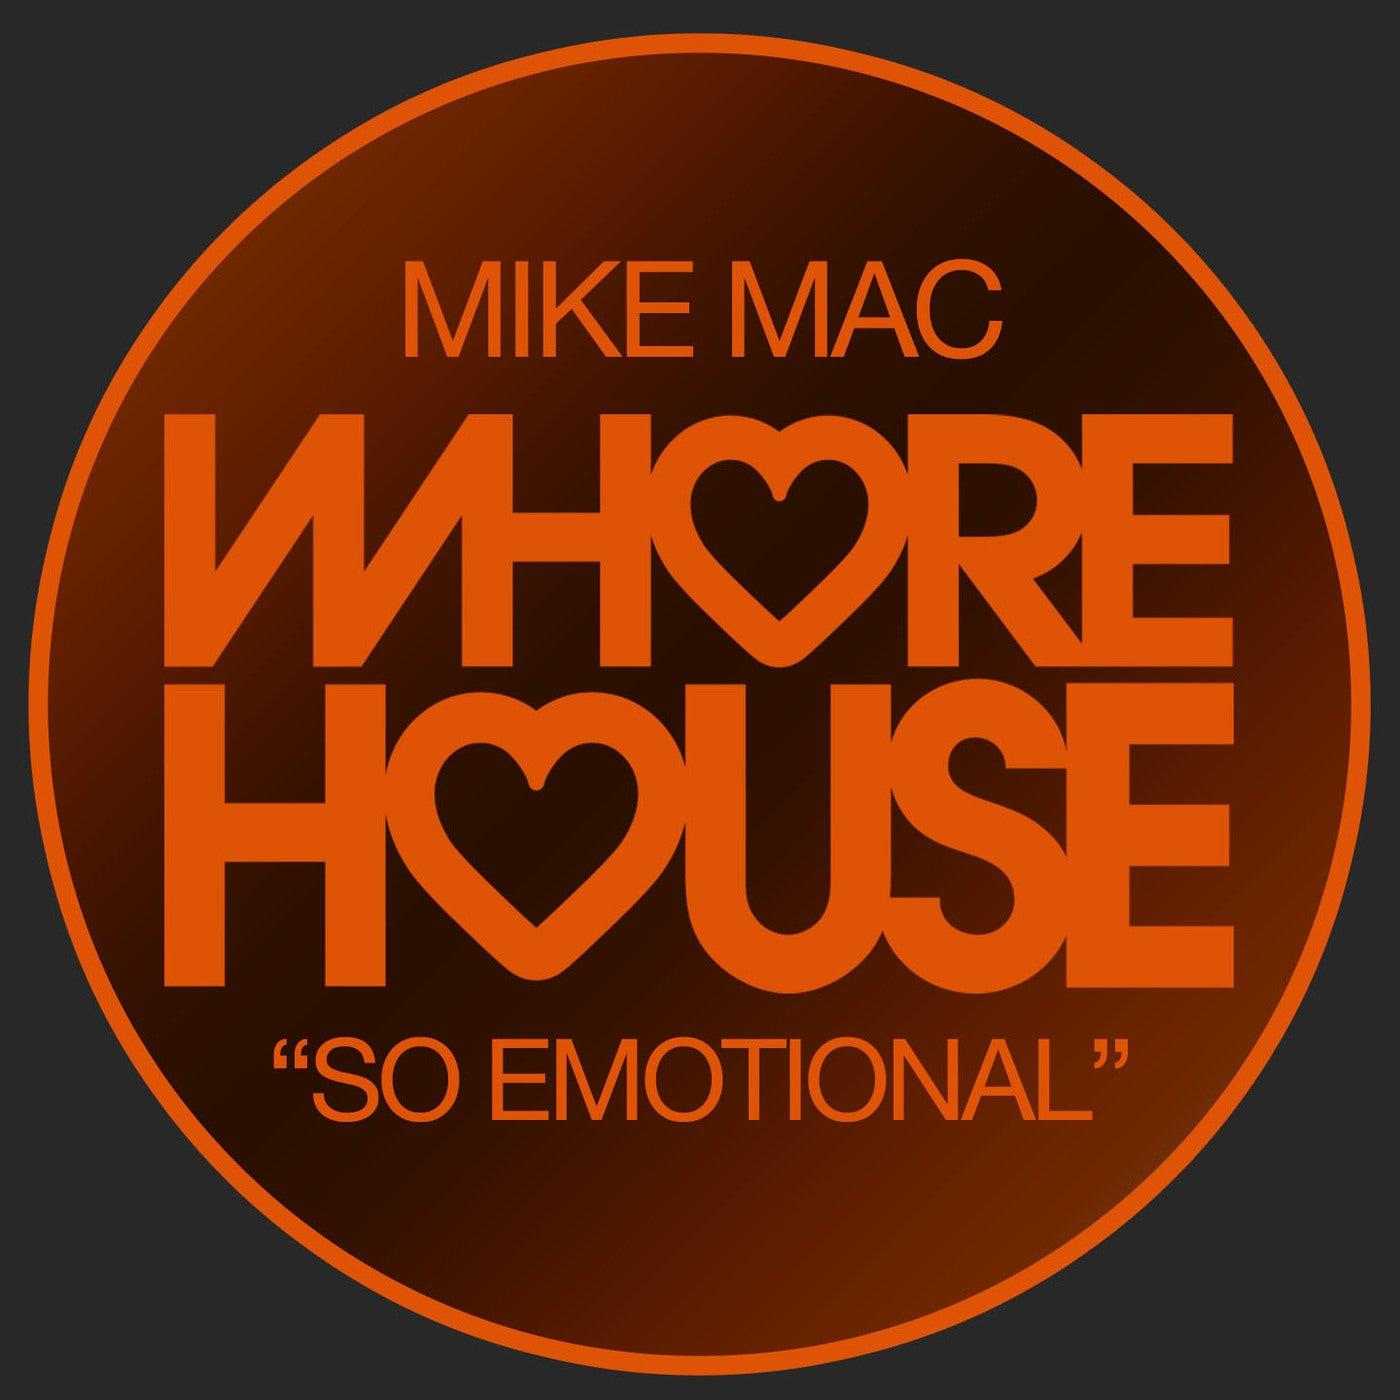 So Emotional (Original Mix)